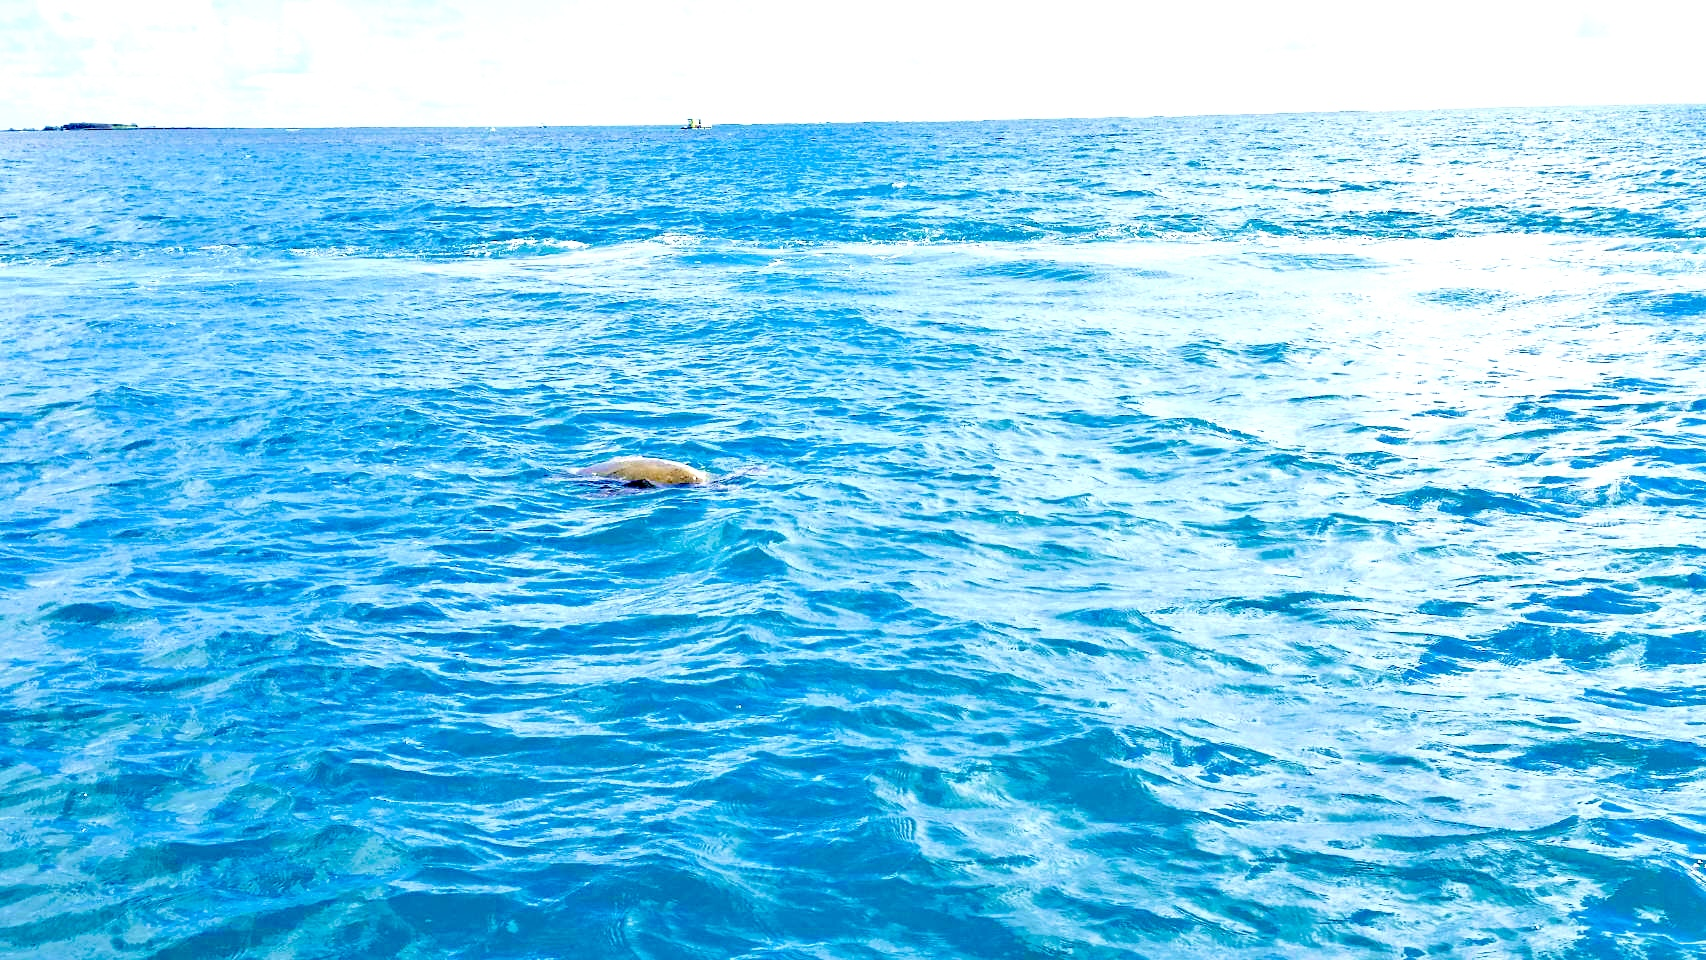 4ウミガメ